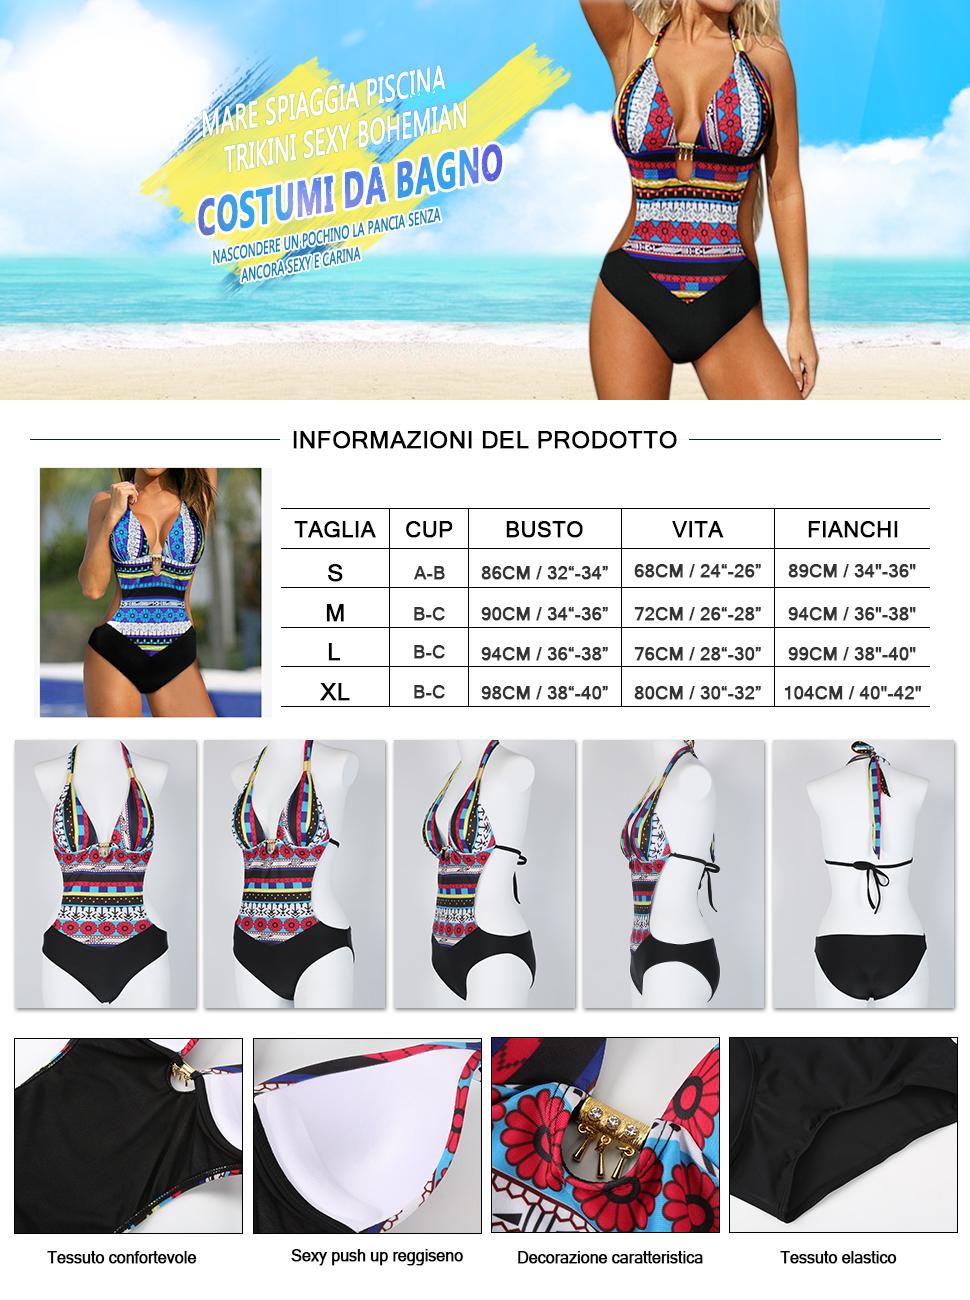 Costumi da bagno interi donna trikini costume da mare - Costumi da bagno contenitivi pancia ...